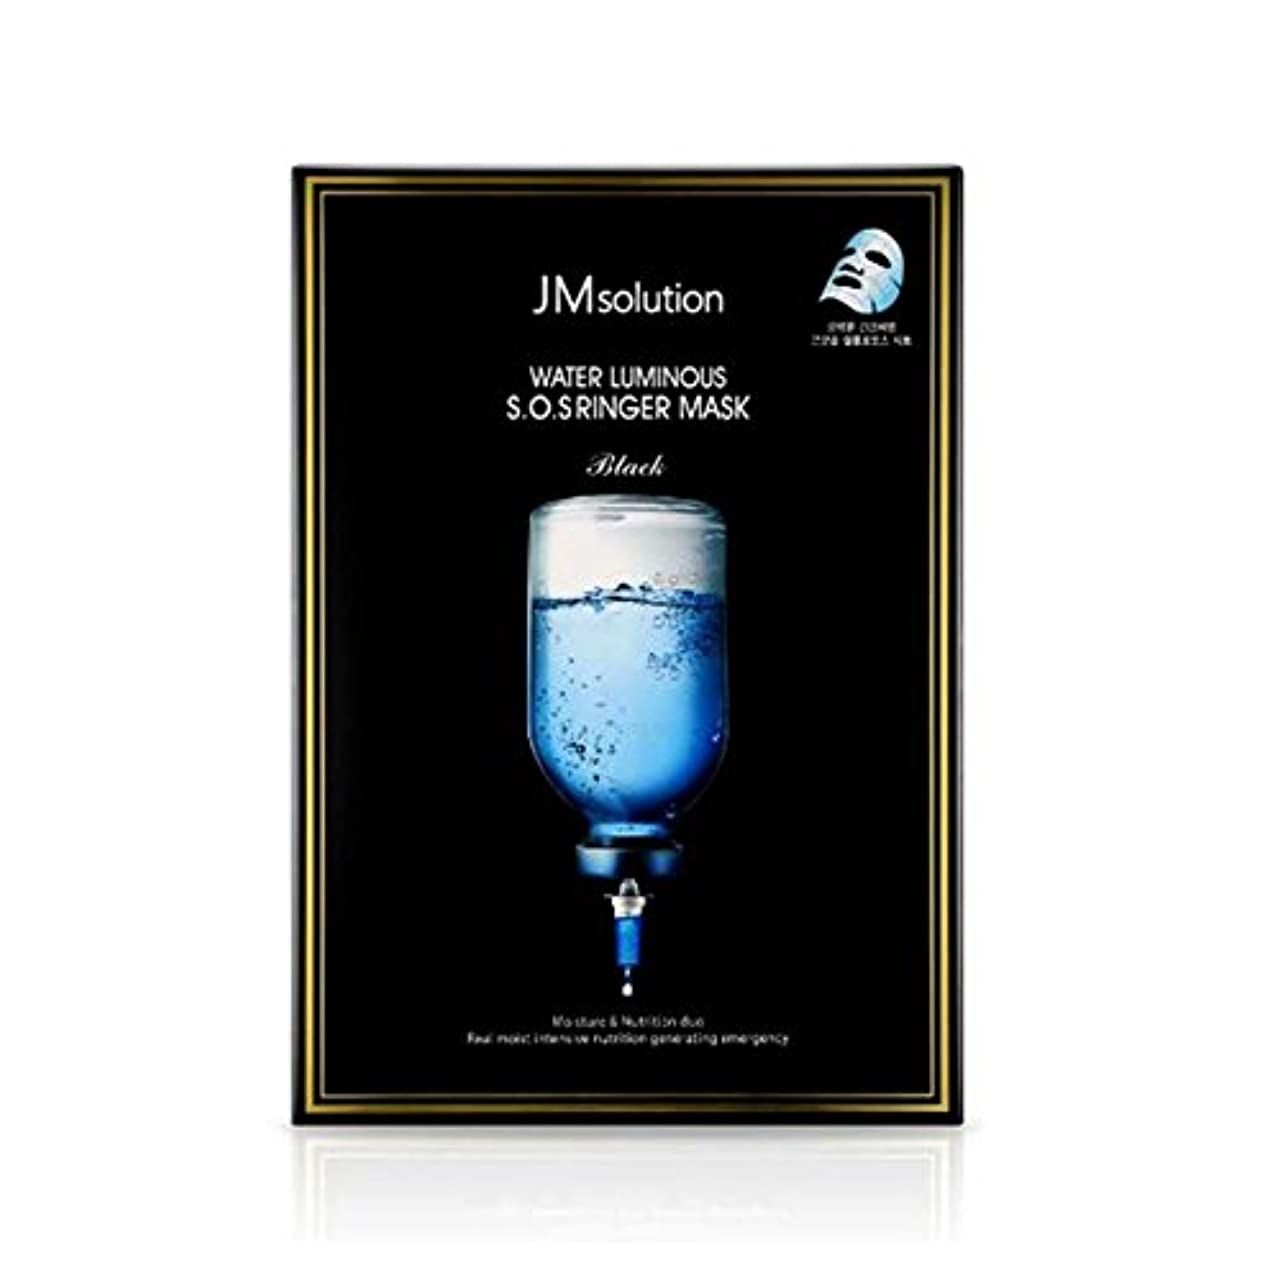 ニコチン口述女優ジェイエムソリューション JMsolution ウォーター ルミナス SOS リンガー マスク 10枚入 韓国コスメ